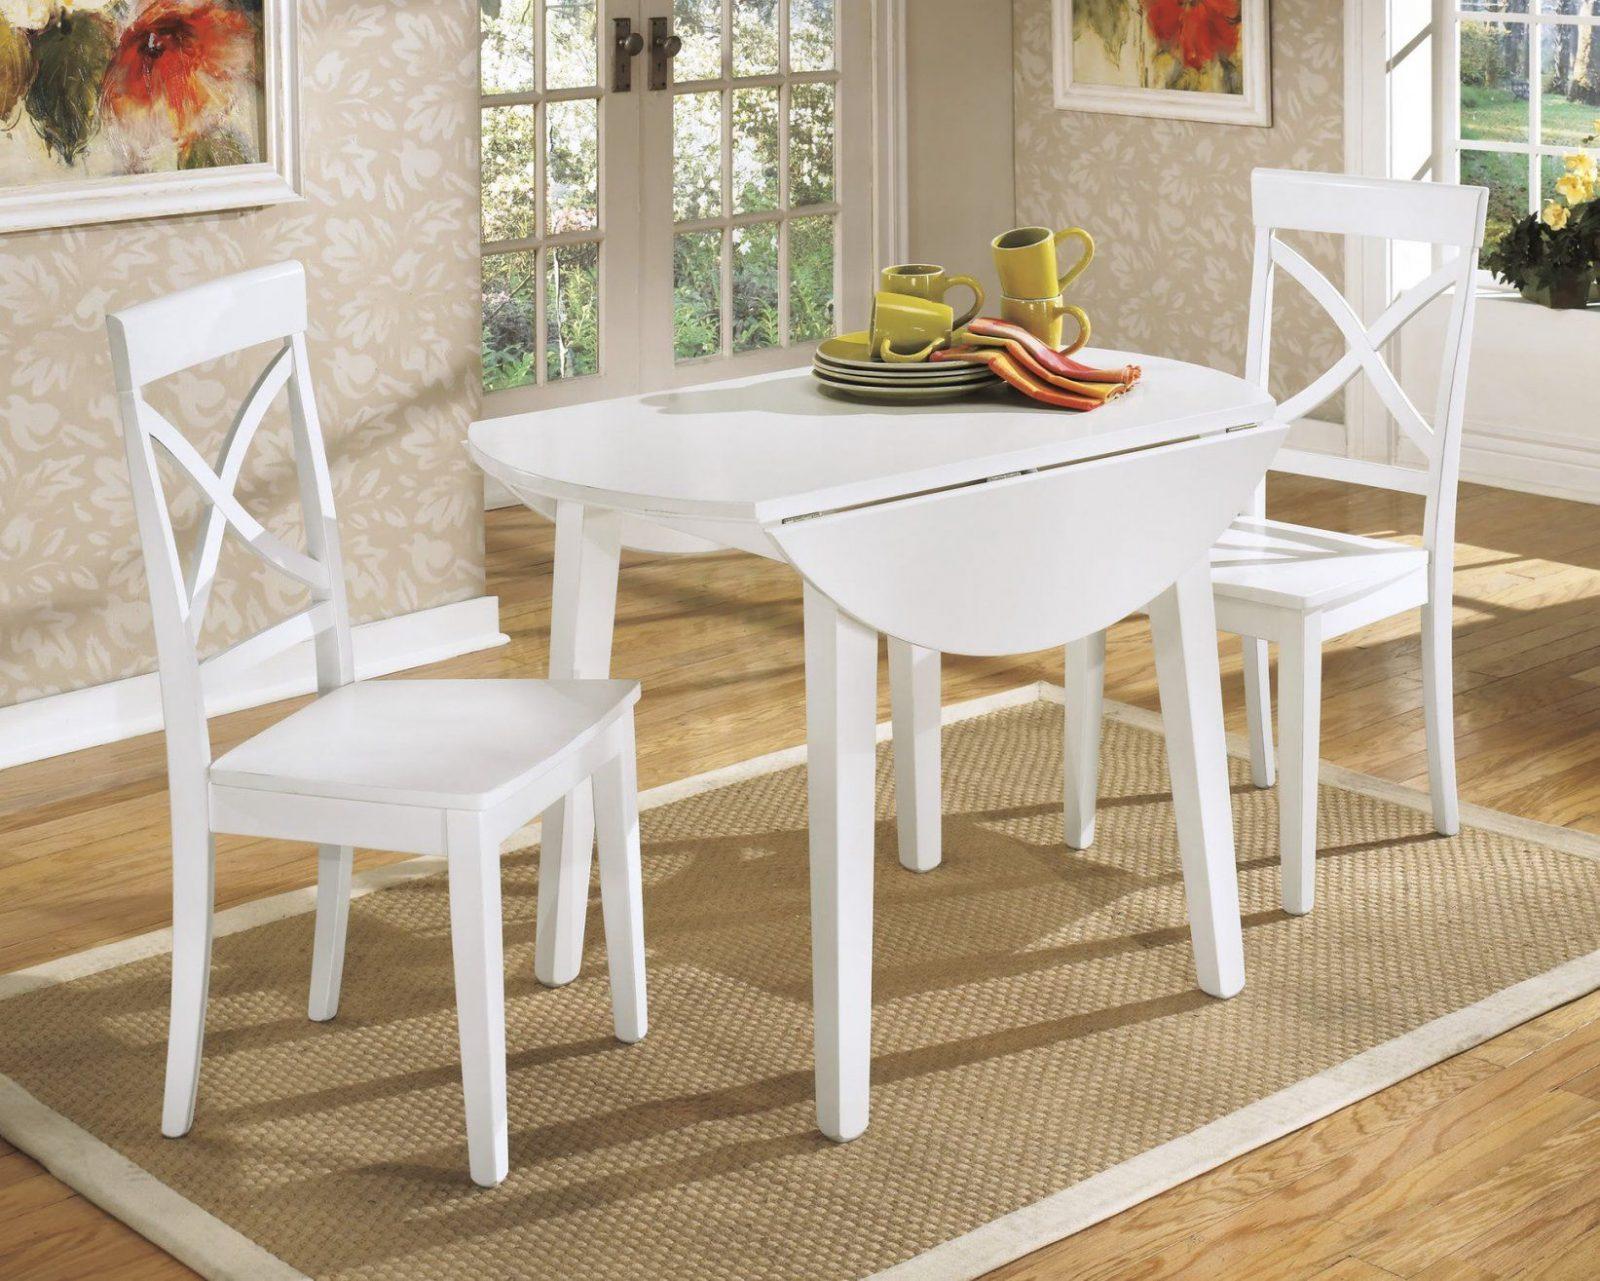 Billig Küche Tisch Sets Aus Holz Esstisch Und Stühle Weiß Esstisch von Tisch Und Stühle Für Küche Bild